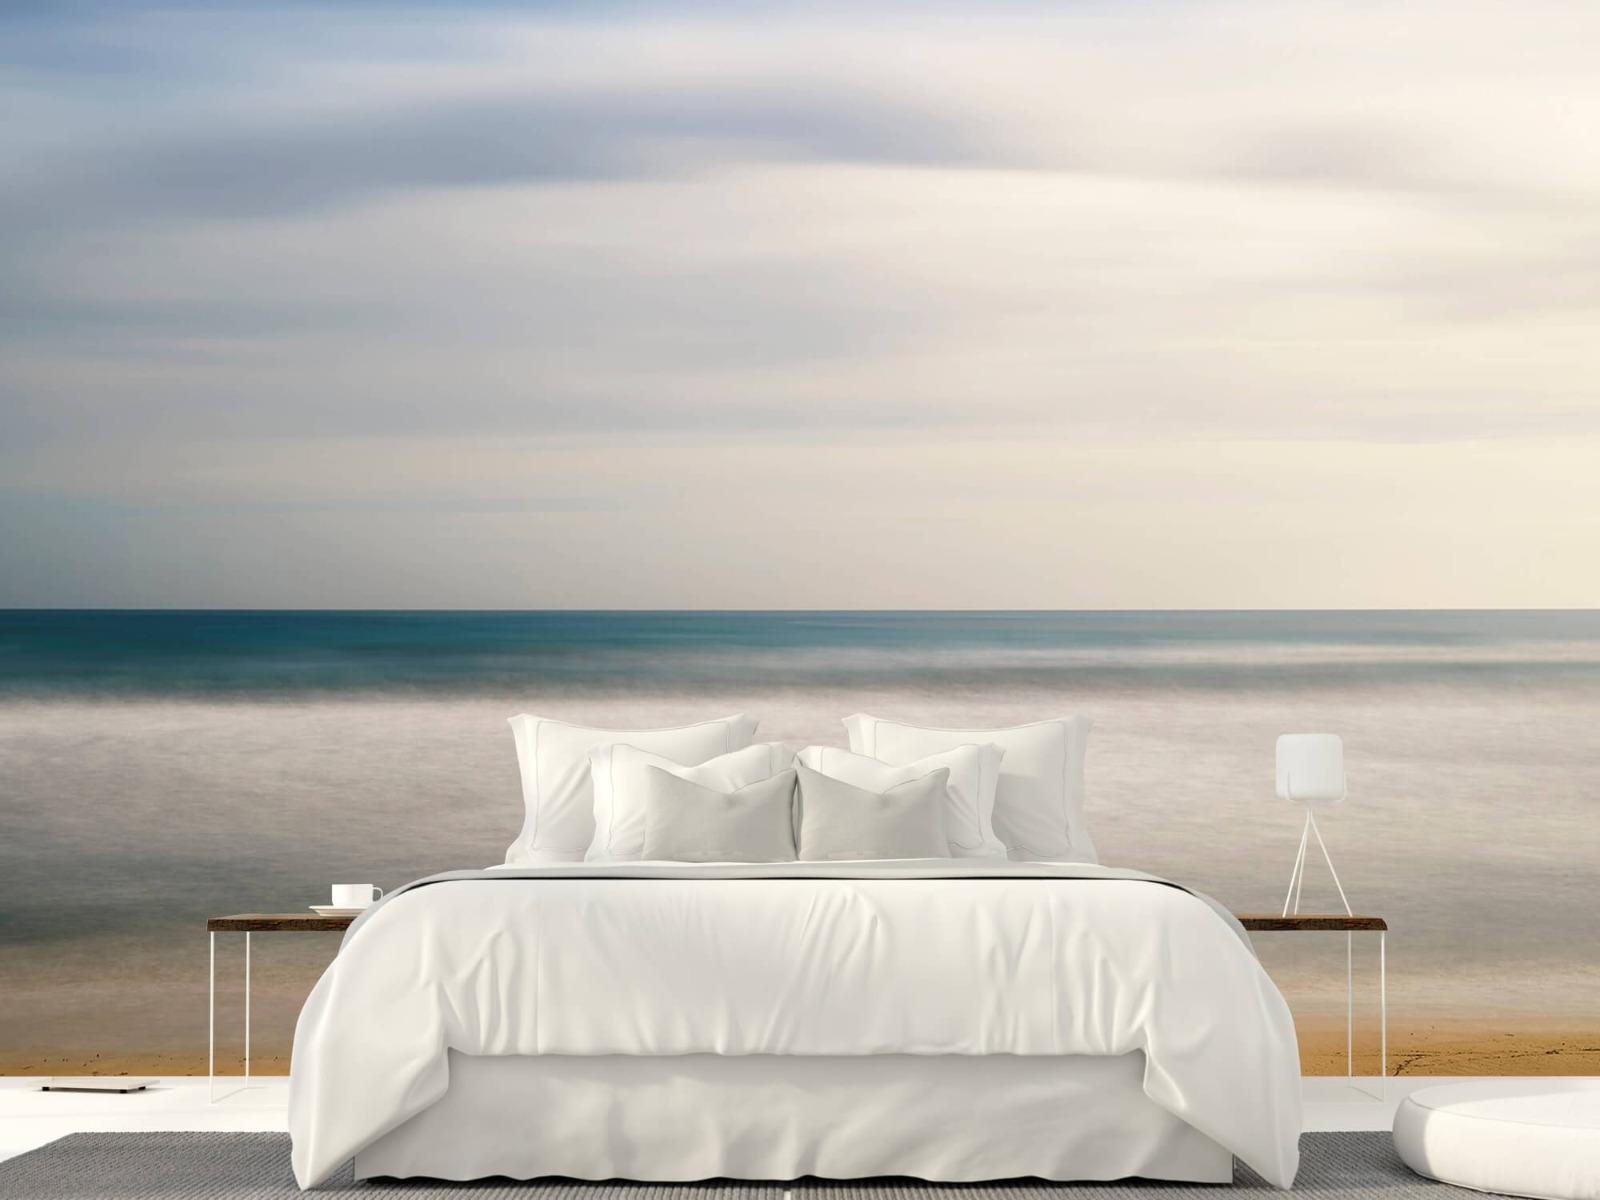 Zeeën en Oceanen - Open zee - Slaapkamer 23